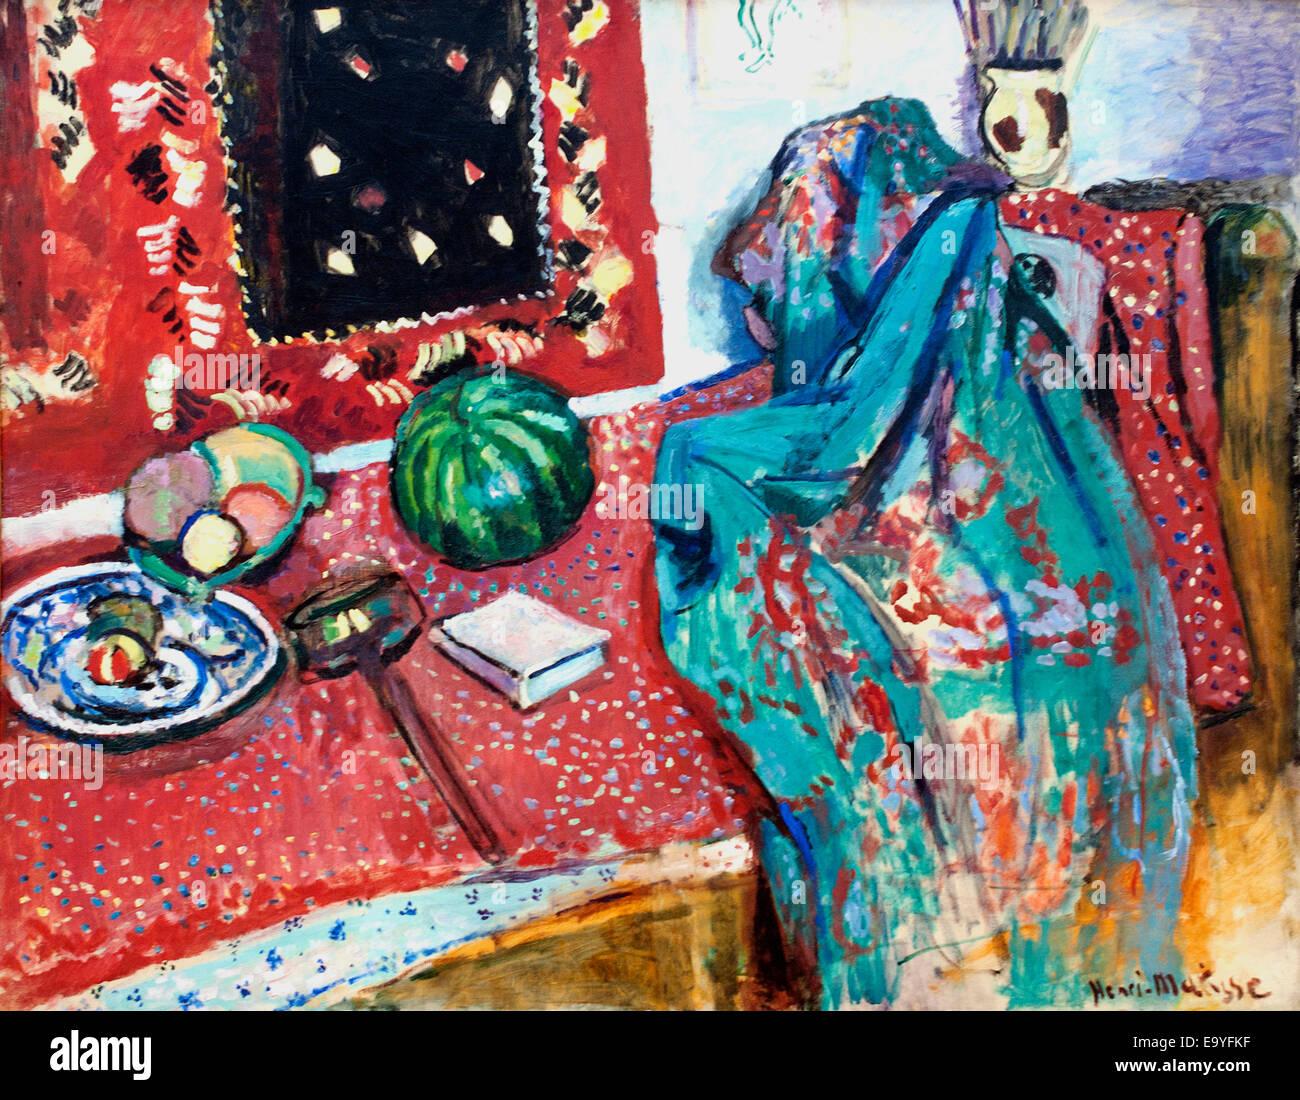 Les Tapis Rouge - Der rote Teppich 1906 von Henri Matisse Frankreich Französische Maler Stockbild